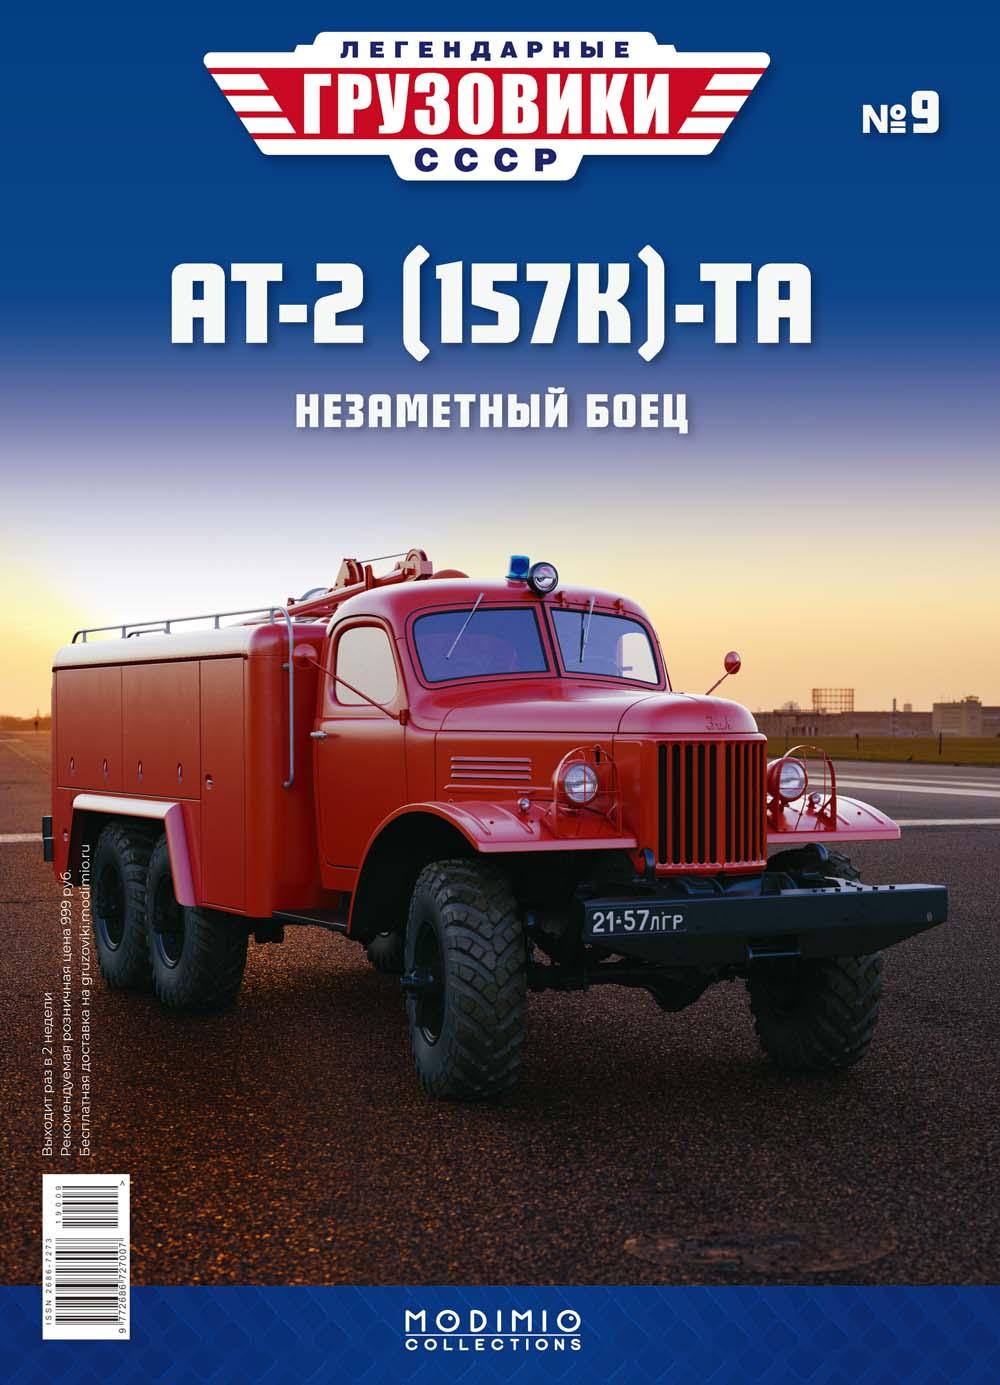 Журнал Легендарные грузовики СССР №9, АТ-2 (157К)-ТА от MODIMIO